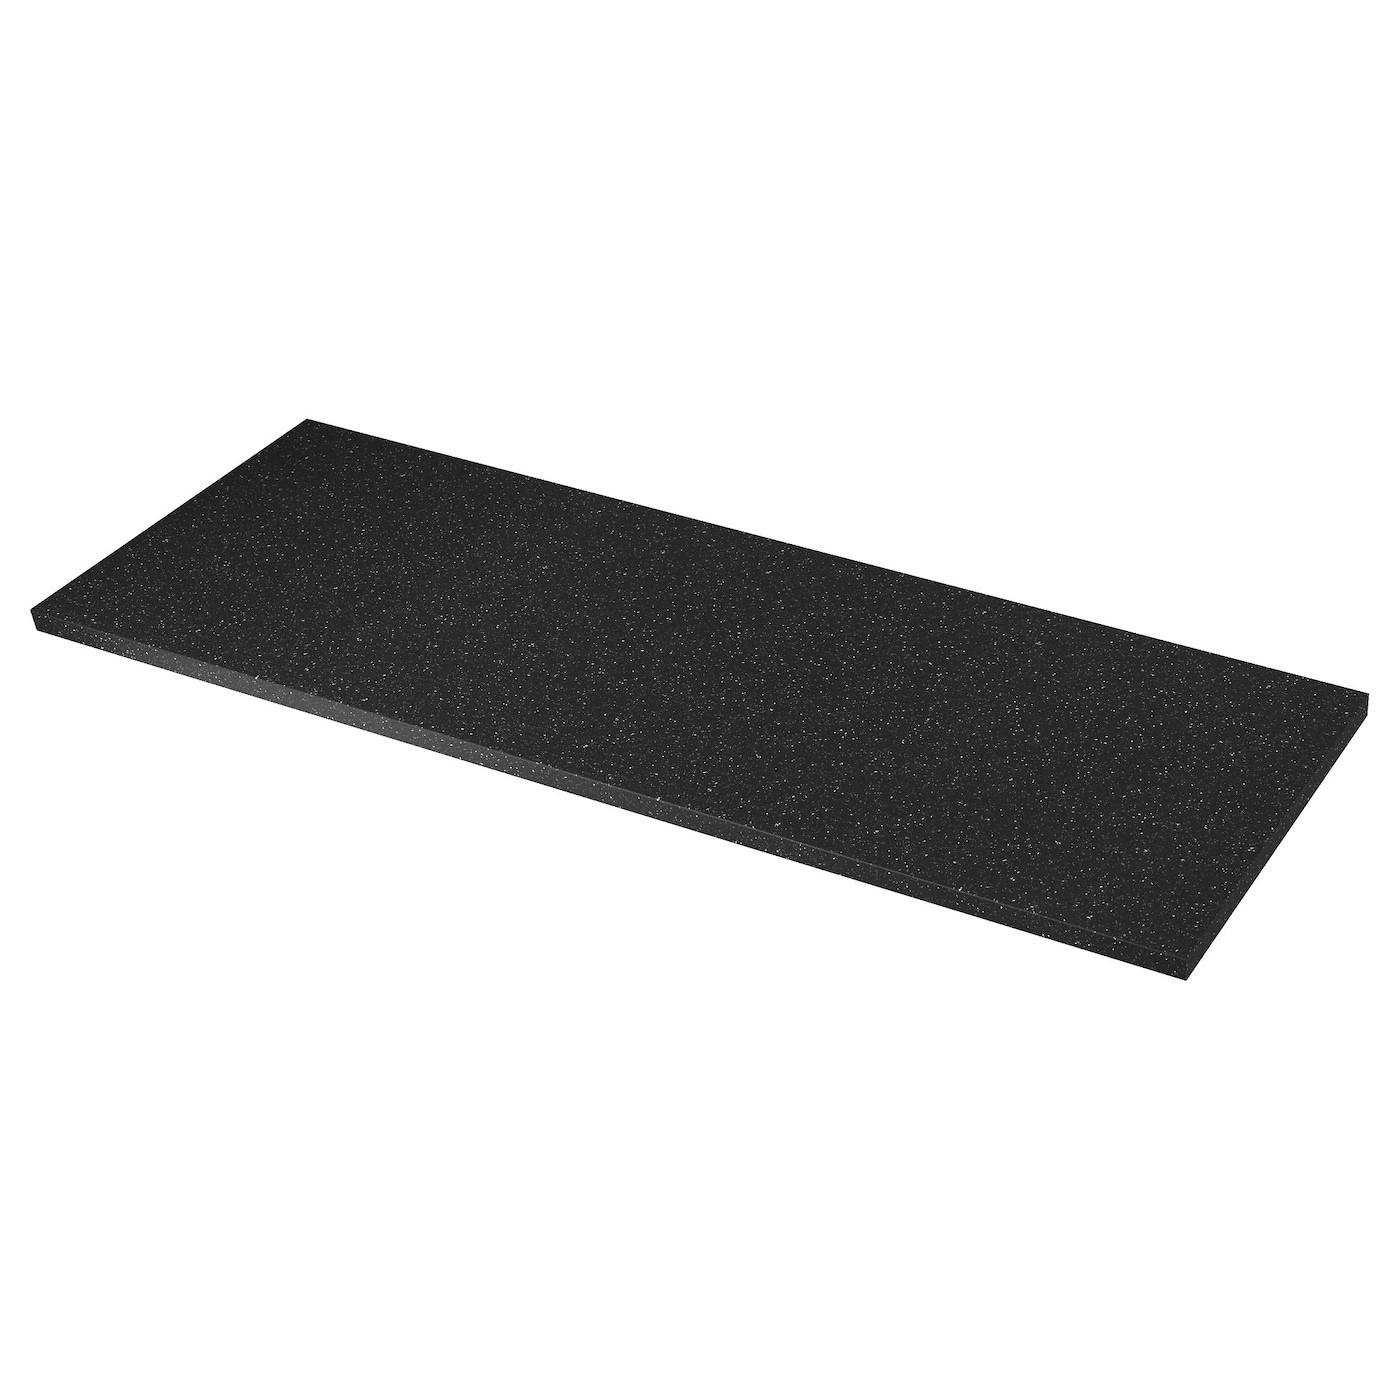 IKEA SÄLJAN столешница черный под минерал/ламинат 63.5 см 702.022.07